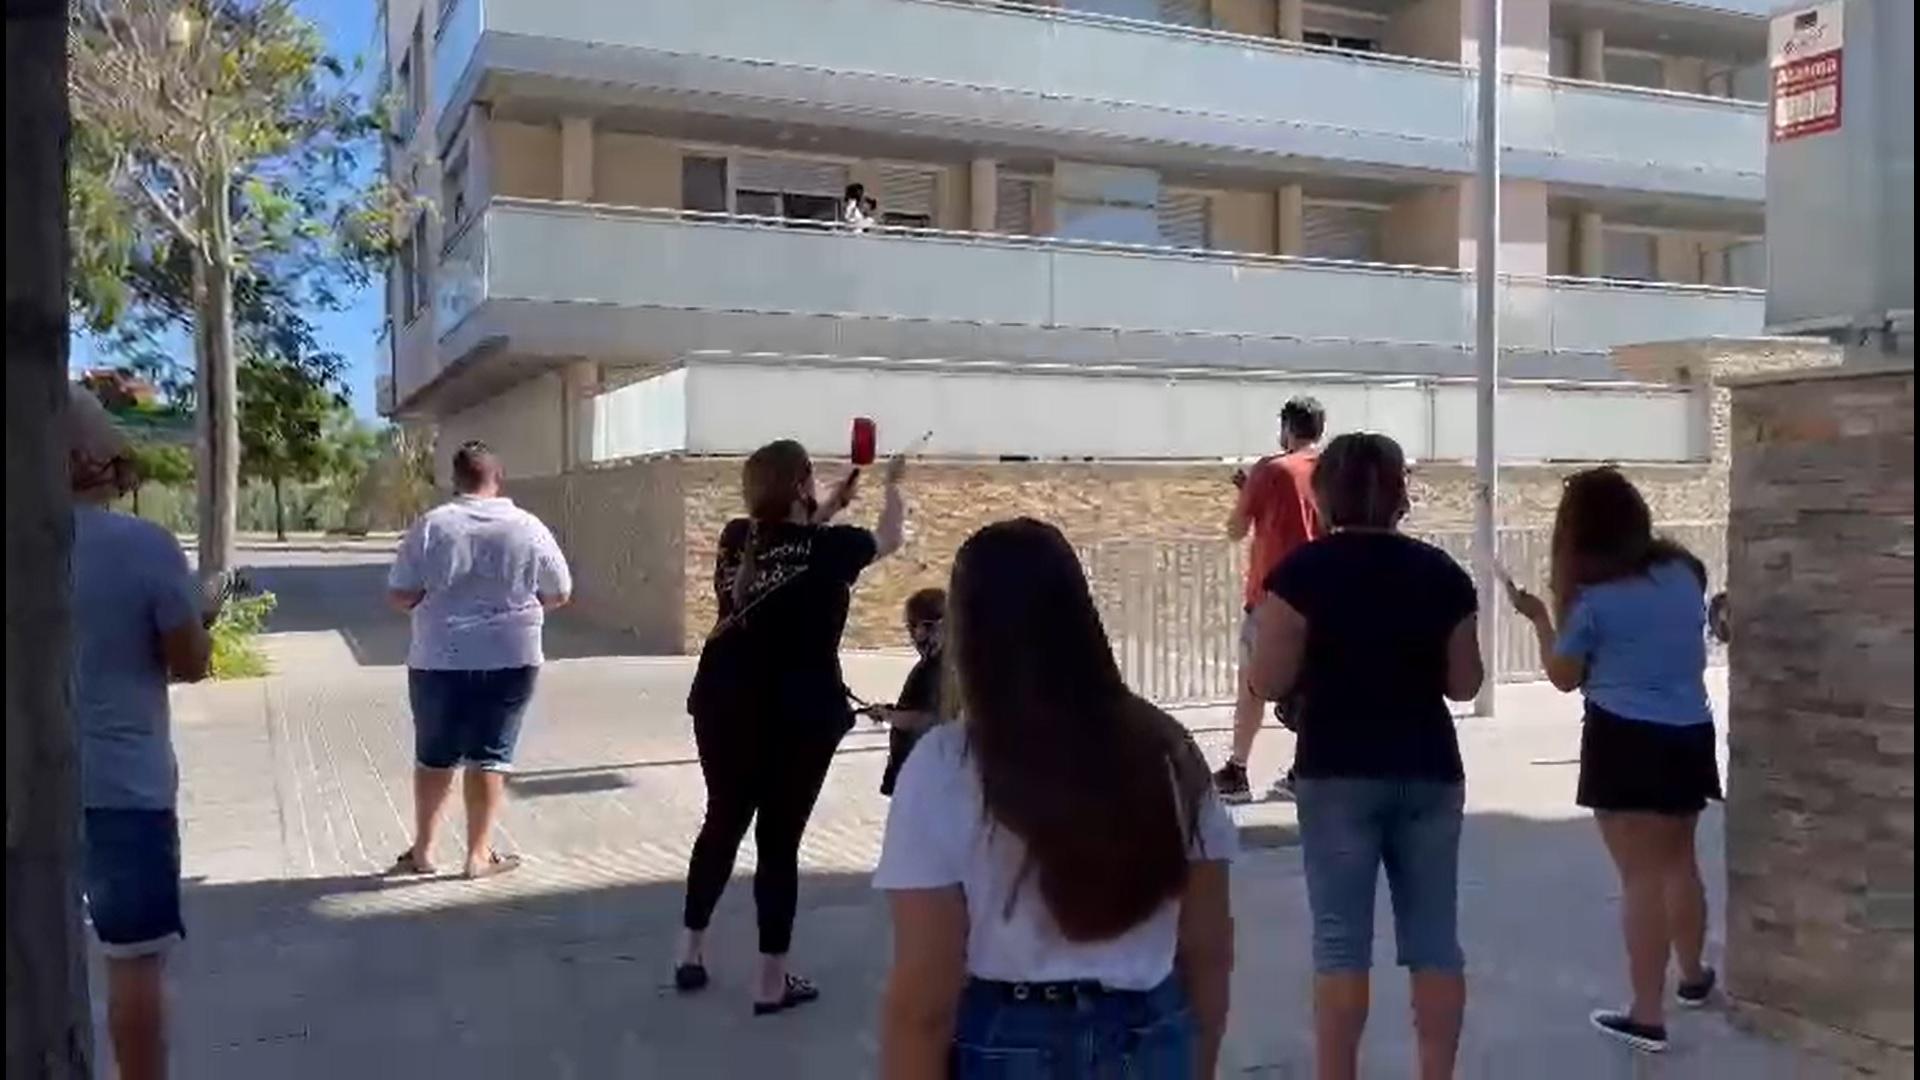 Protesta recent contra els pisos turístics, al barri de la Catalana, a Sant Adrià de Besòs / Cedida